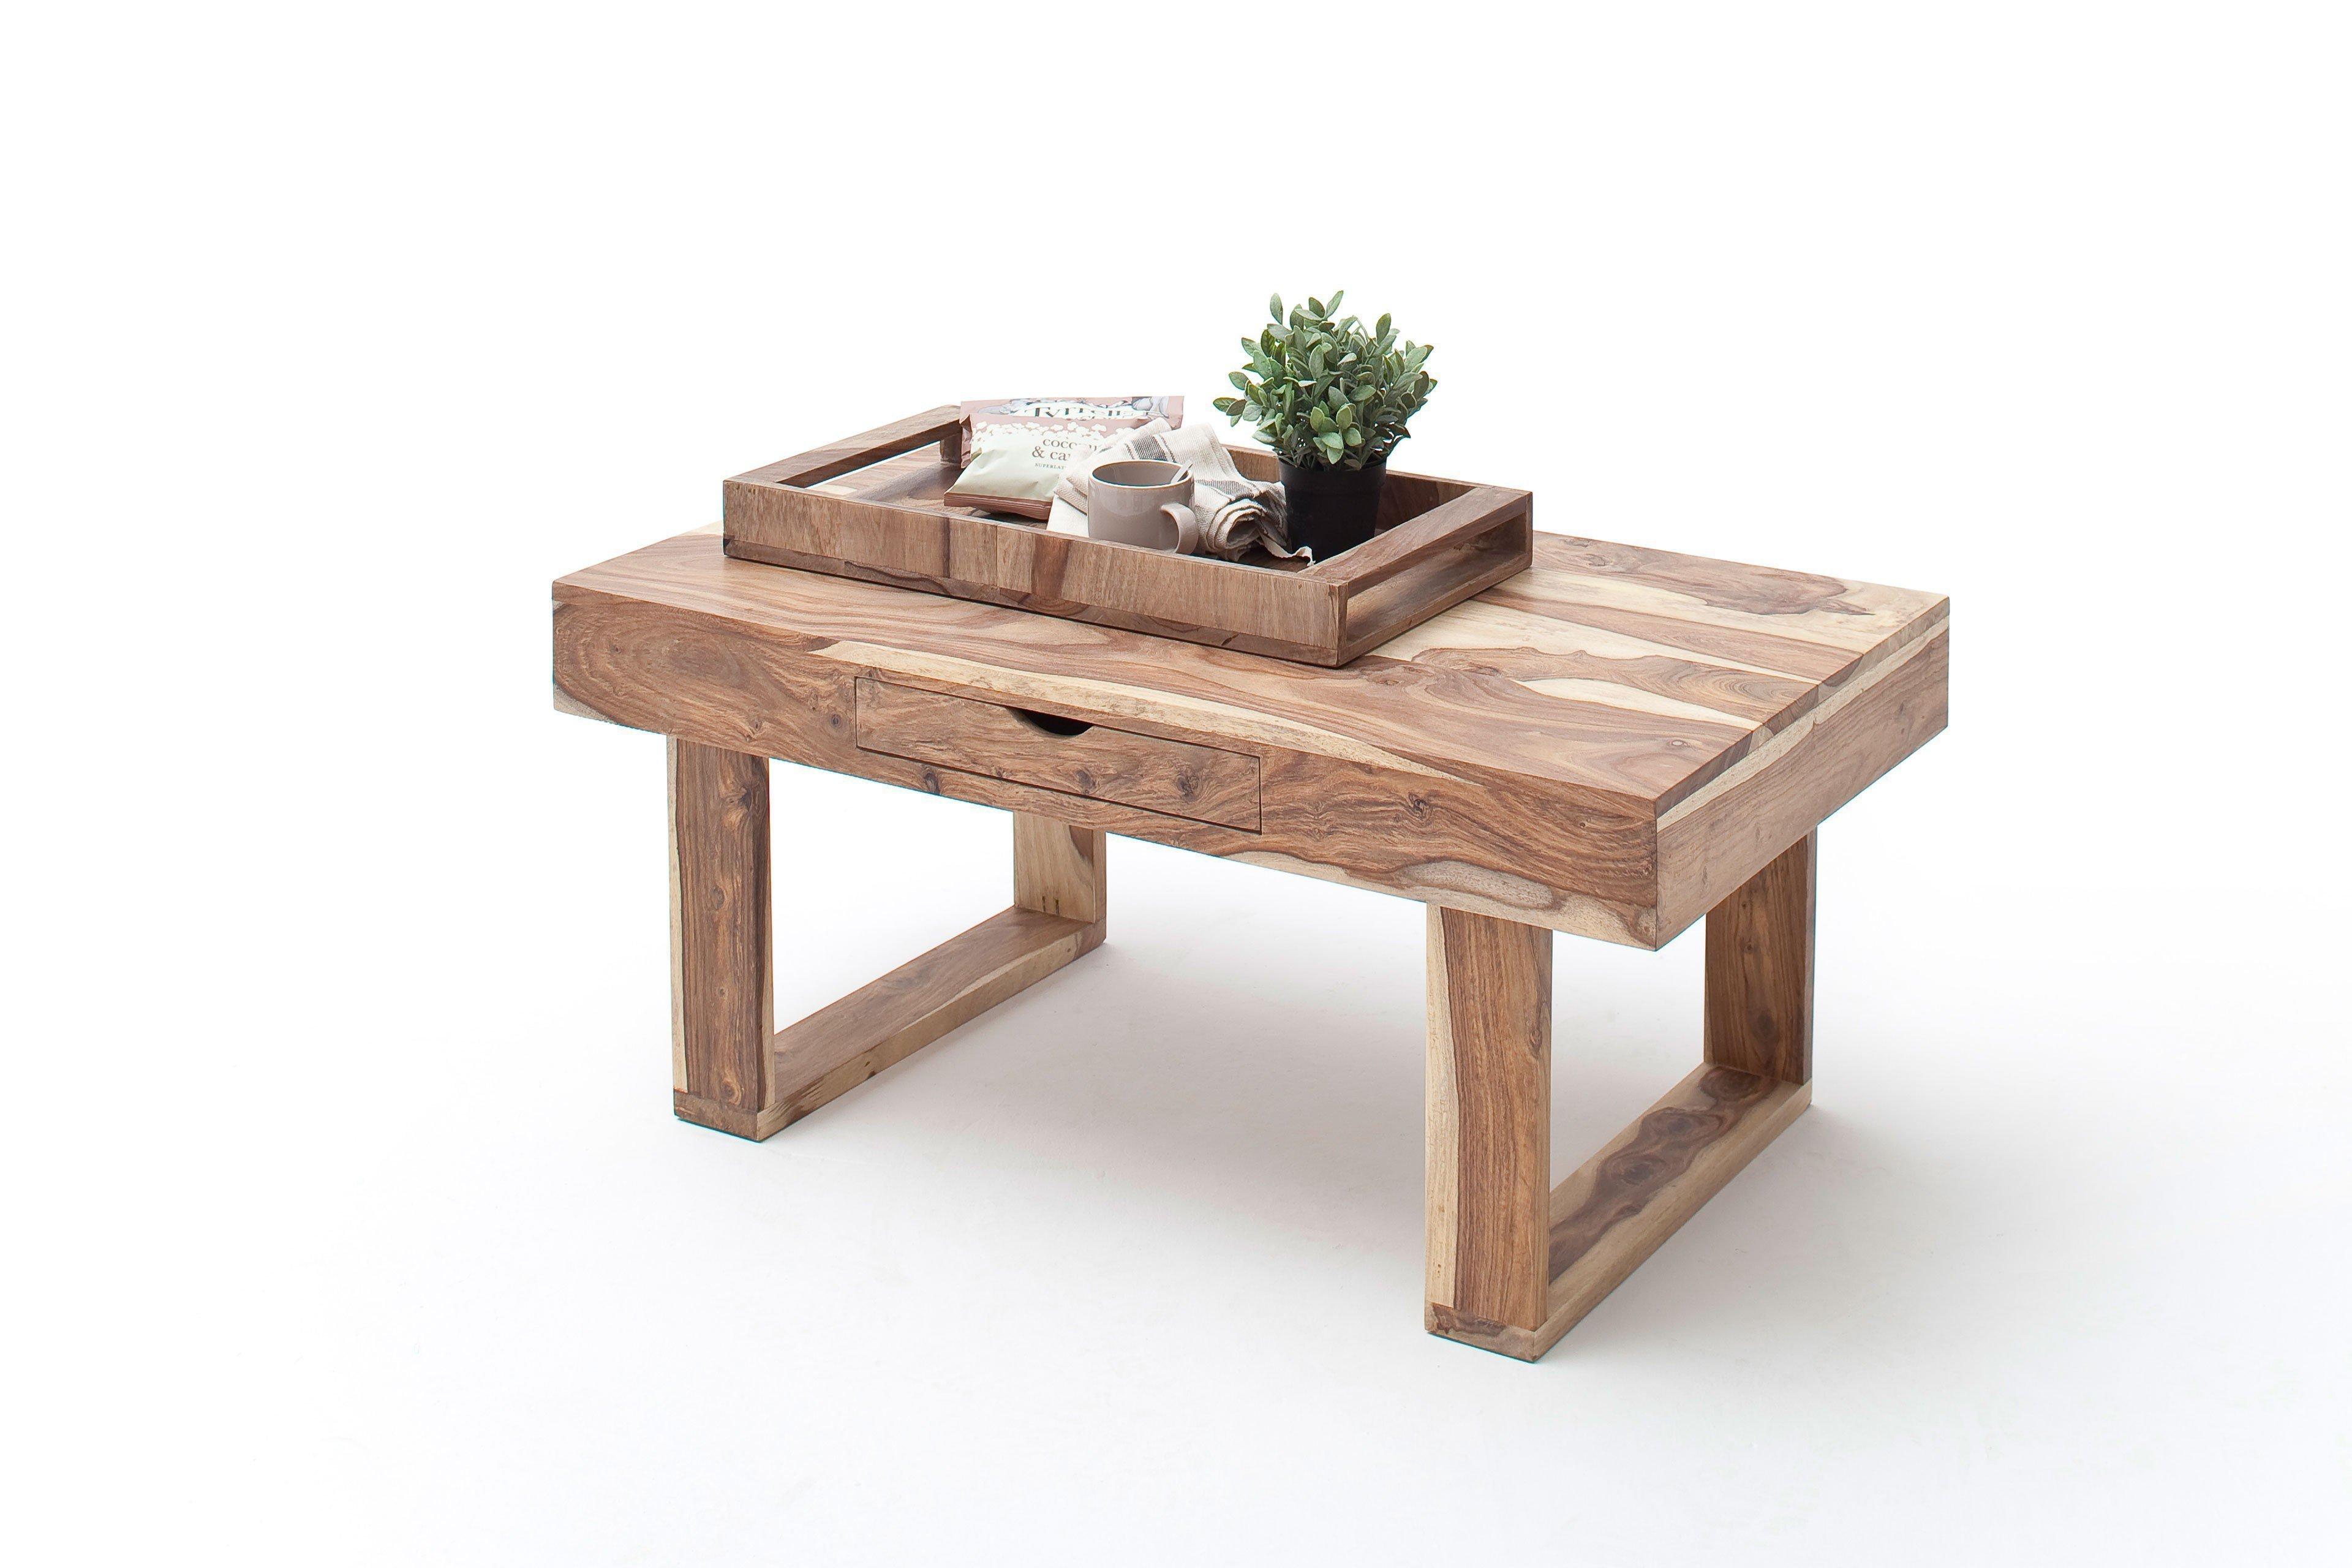 Mca Direkt Couchtisch Mcart Wood Drego Sheesham Natur Möbel Letz